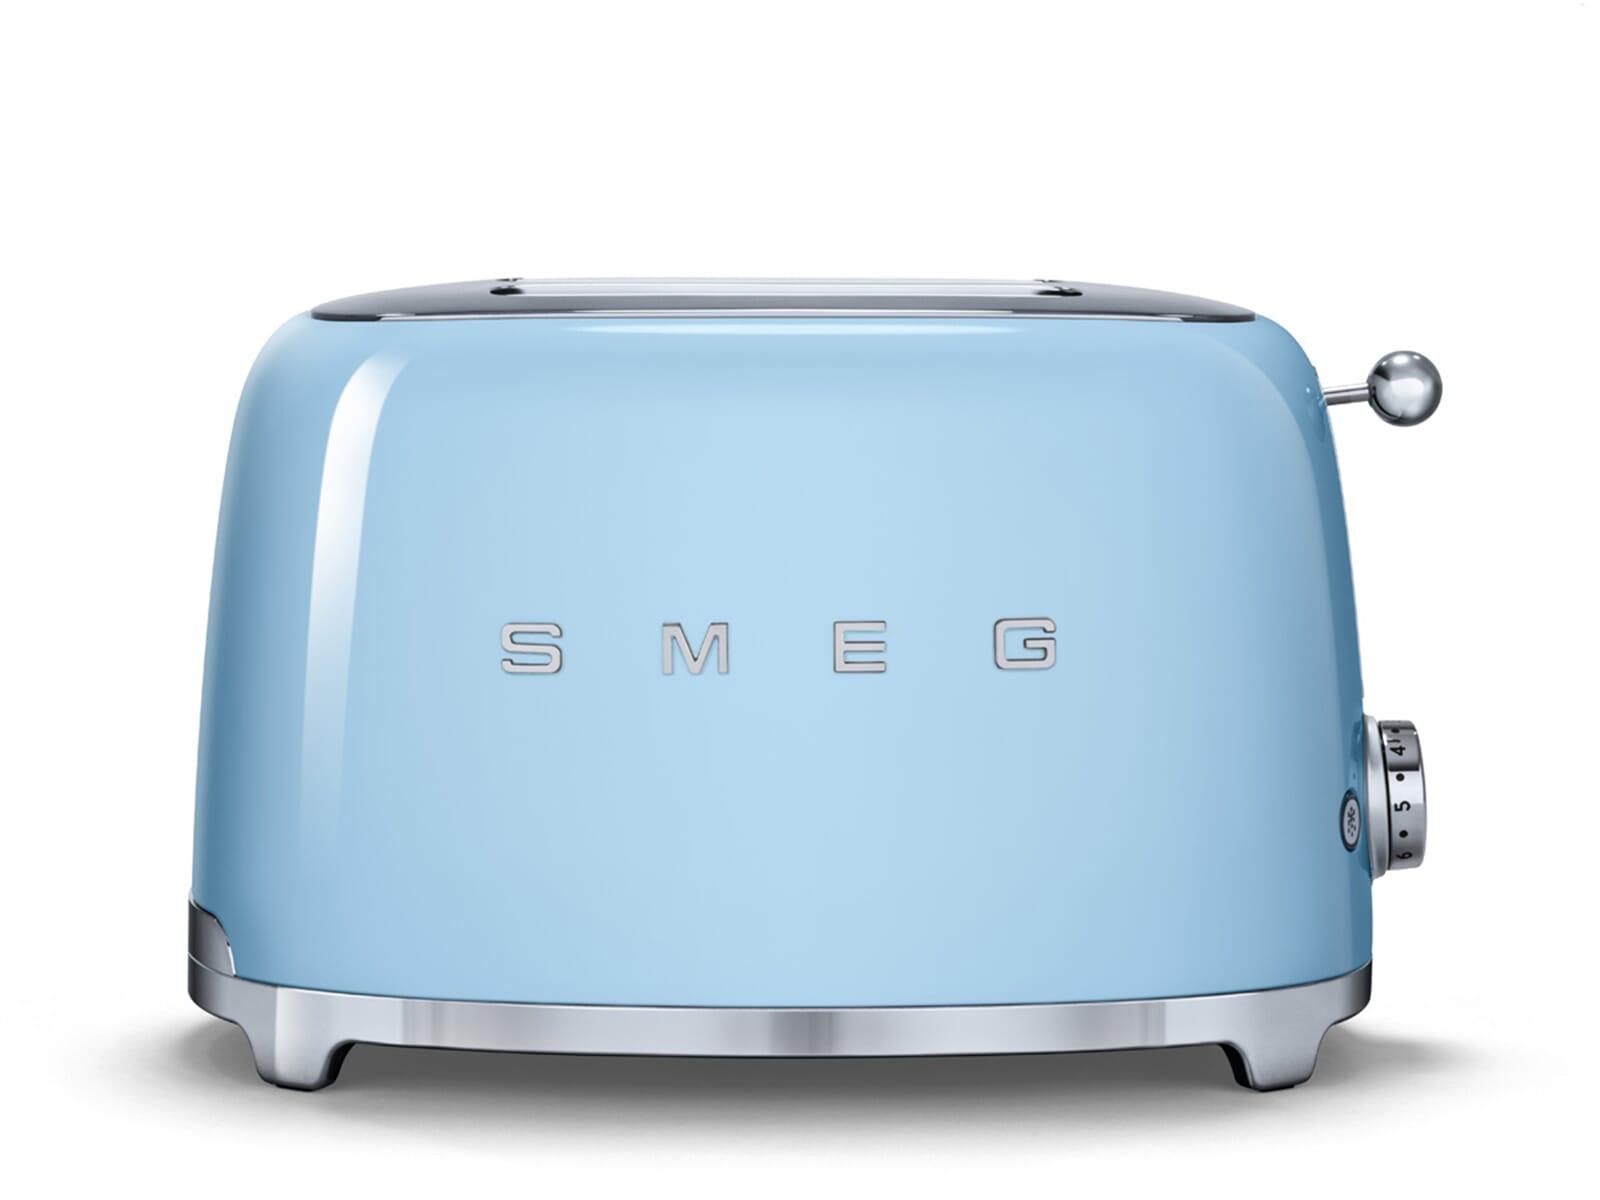 Retro Kühlschrank Ch : Kühlschrank smeg hellblau retro in der küche diese produkte